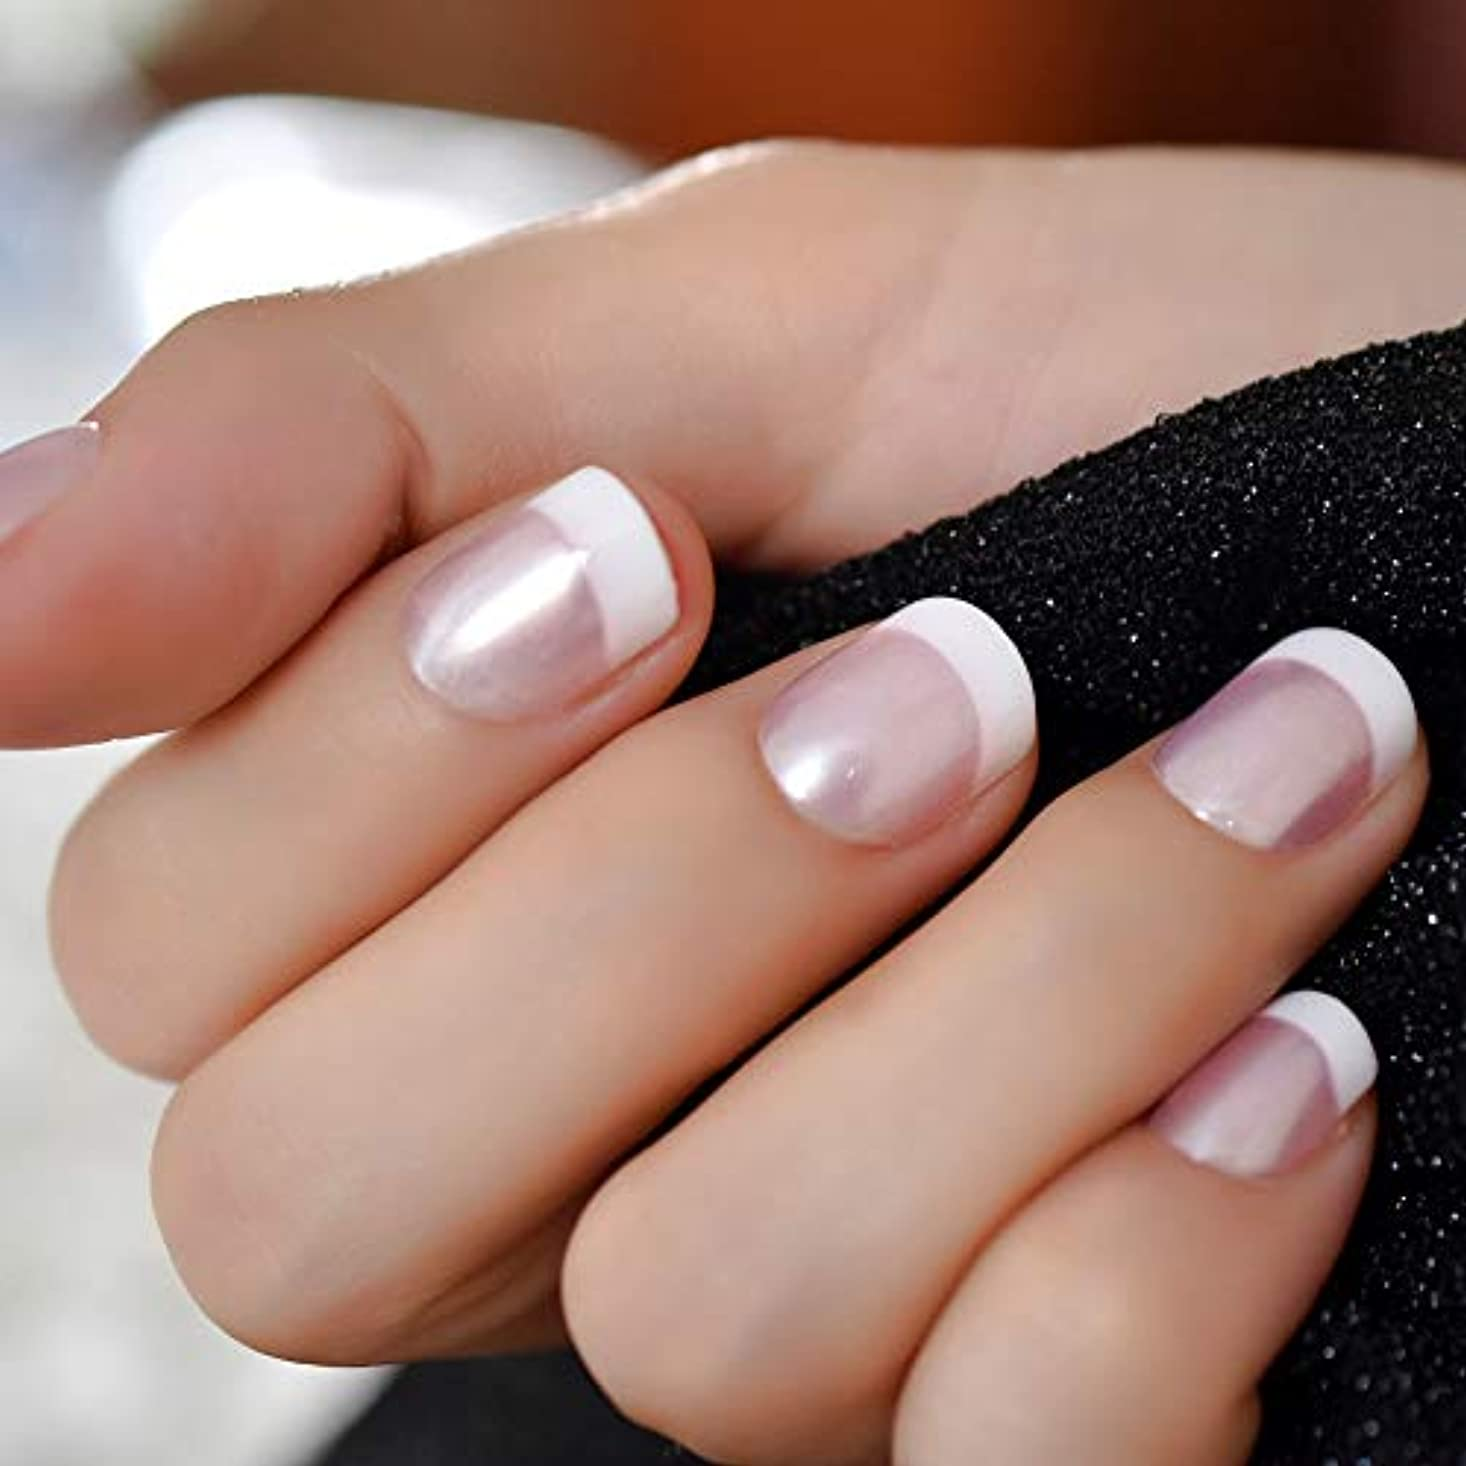 日焼けパス手XUTXZKA パールシャインピンクネイルホワイトラウンドフェイクネイルショートサテン人工女性指の爪